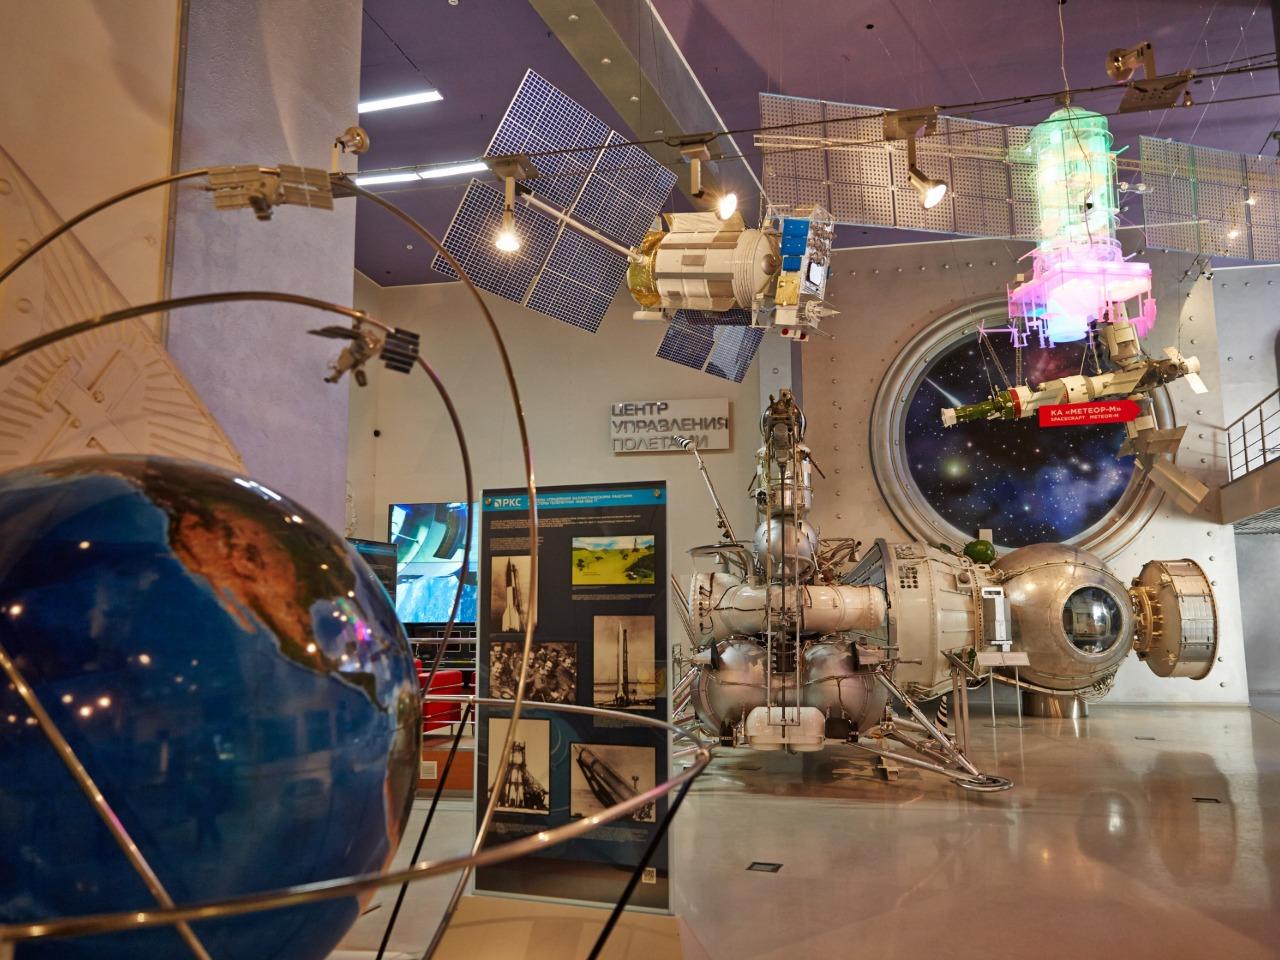 Космическое путешествие по Музею космонавтики - индивидуальная экскурсия по Москве от опытного гида